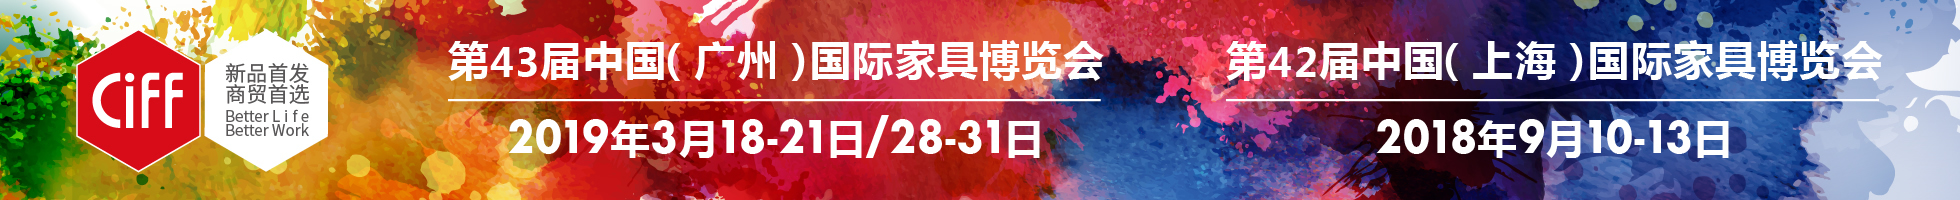 上海家博会2018